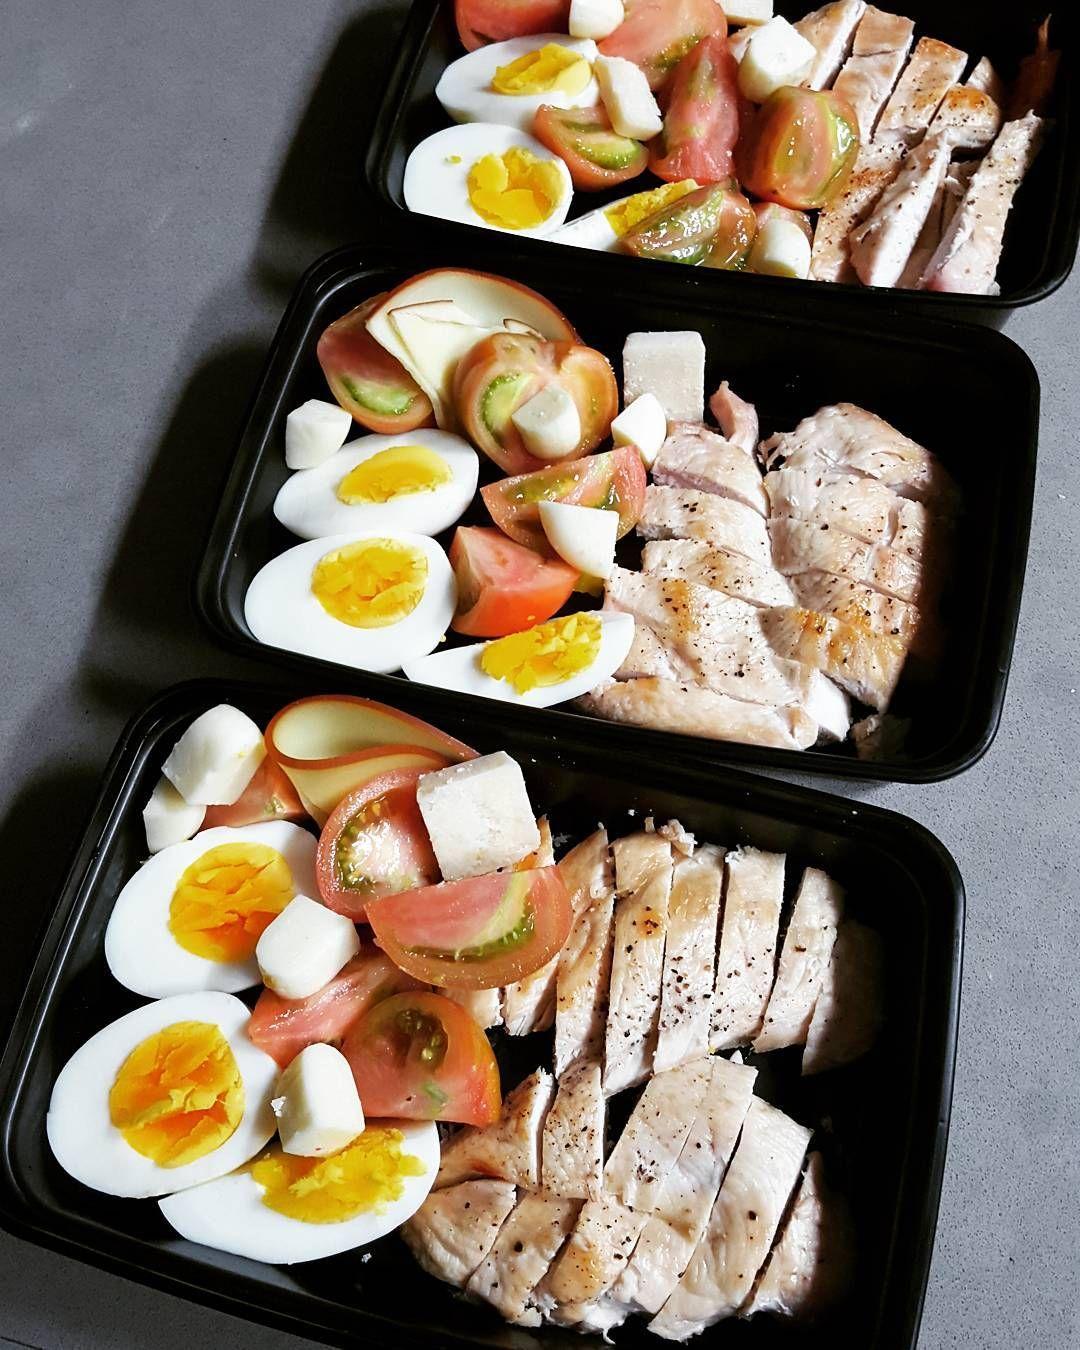 15 Sencillas Combinaciones De Platillos Que Todas Podemos Preparar Comida Saludable Semana Comida Saludable Ensaladas Comida Saludable